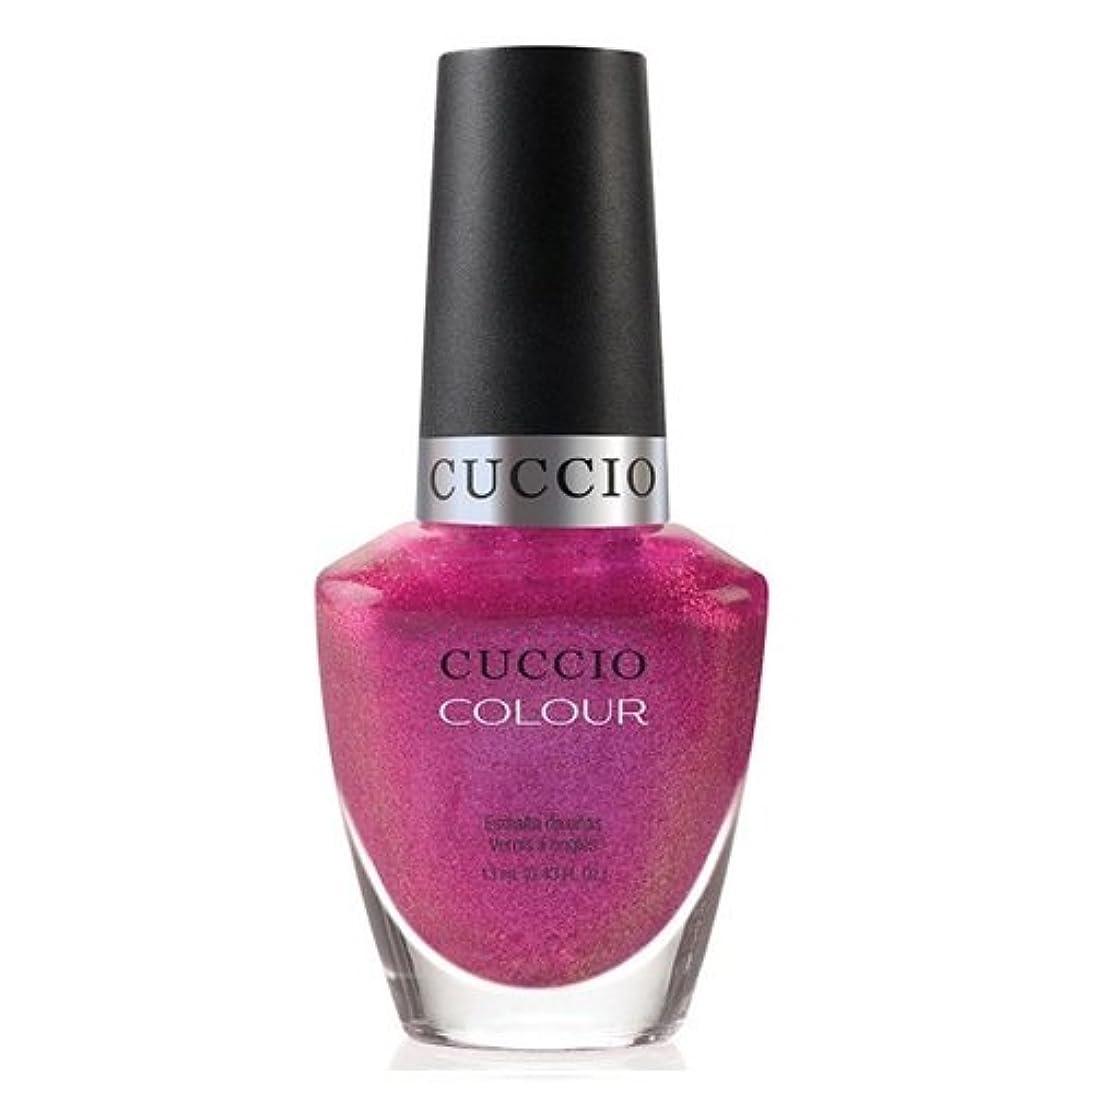 心配インテリアゴネリルCuccio Colour Gloss Lacquer - Femme Fatale - 0.43oz/13ml